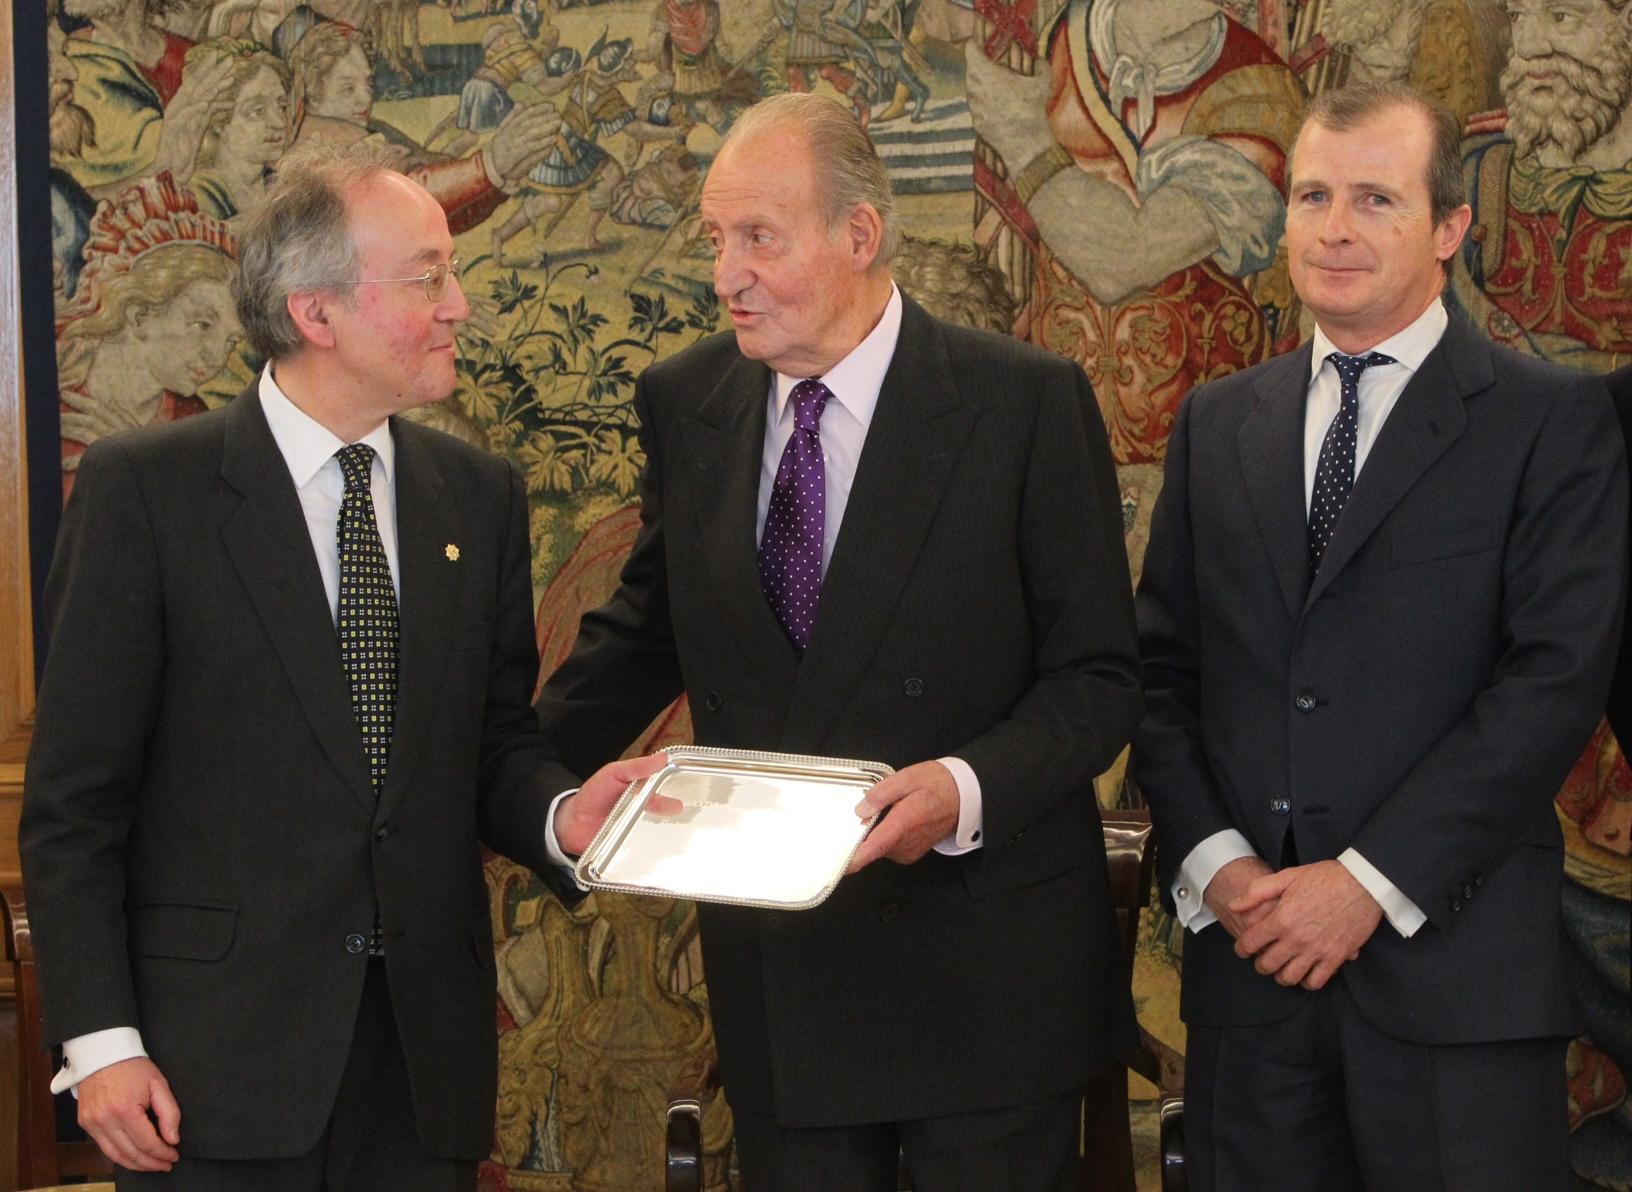 © Casa de S.M. el Rey / Borja Fotógrafos Don Juan Carlos, con Leopoldo Calvo-Sotelo y el presidente de FIES, Rafael Guardans